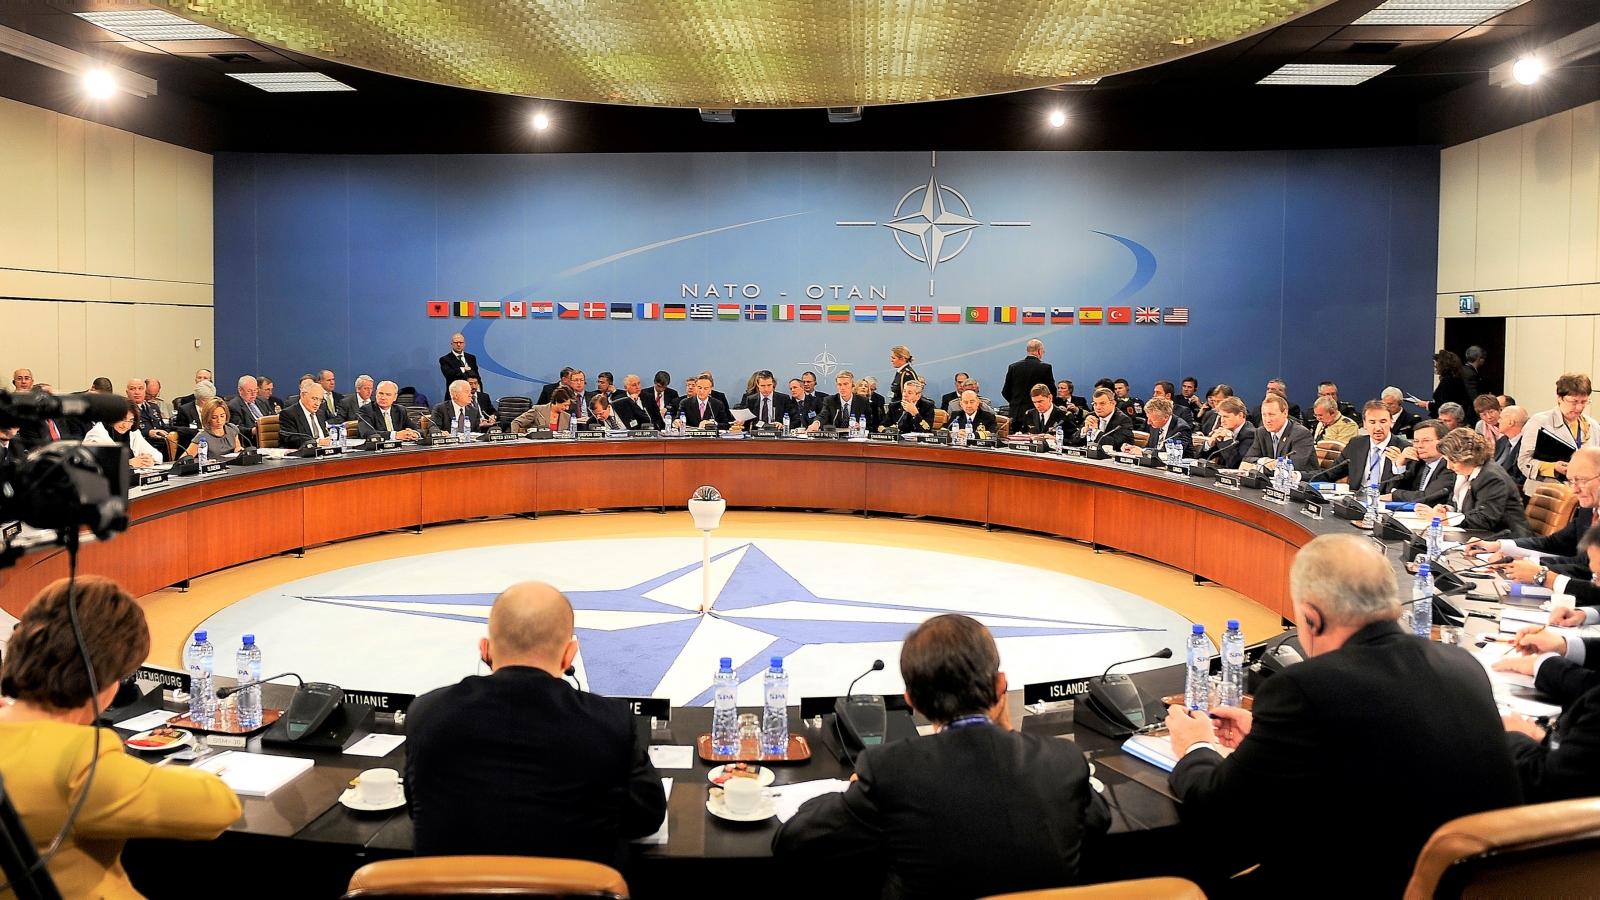 Đằng sau câu chuyện NATO từ chối nhận Liên Xô vào liên minh